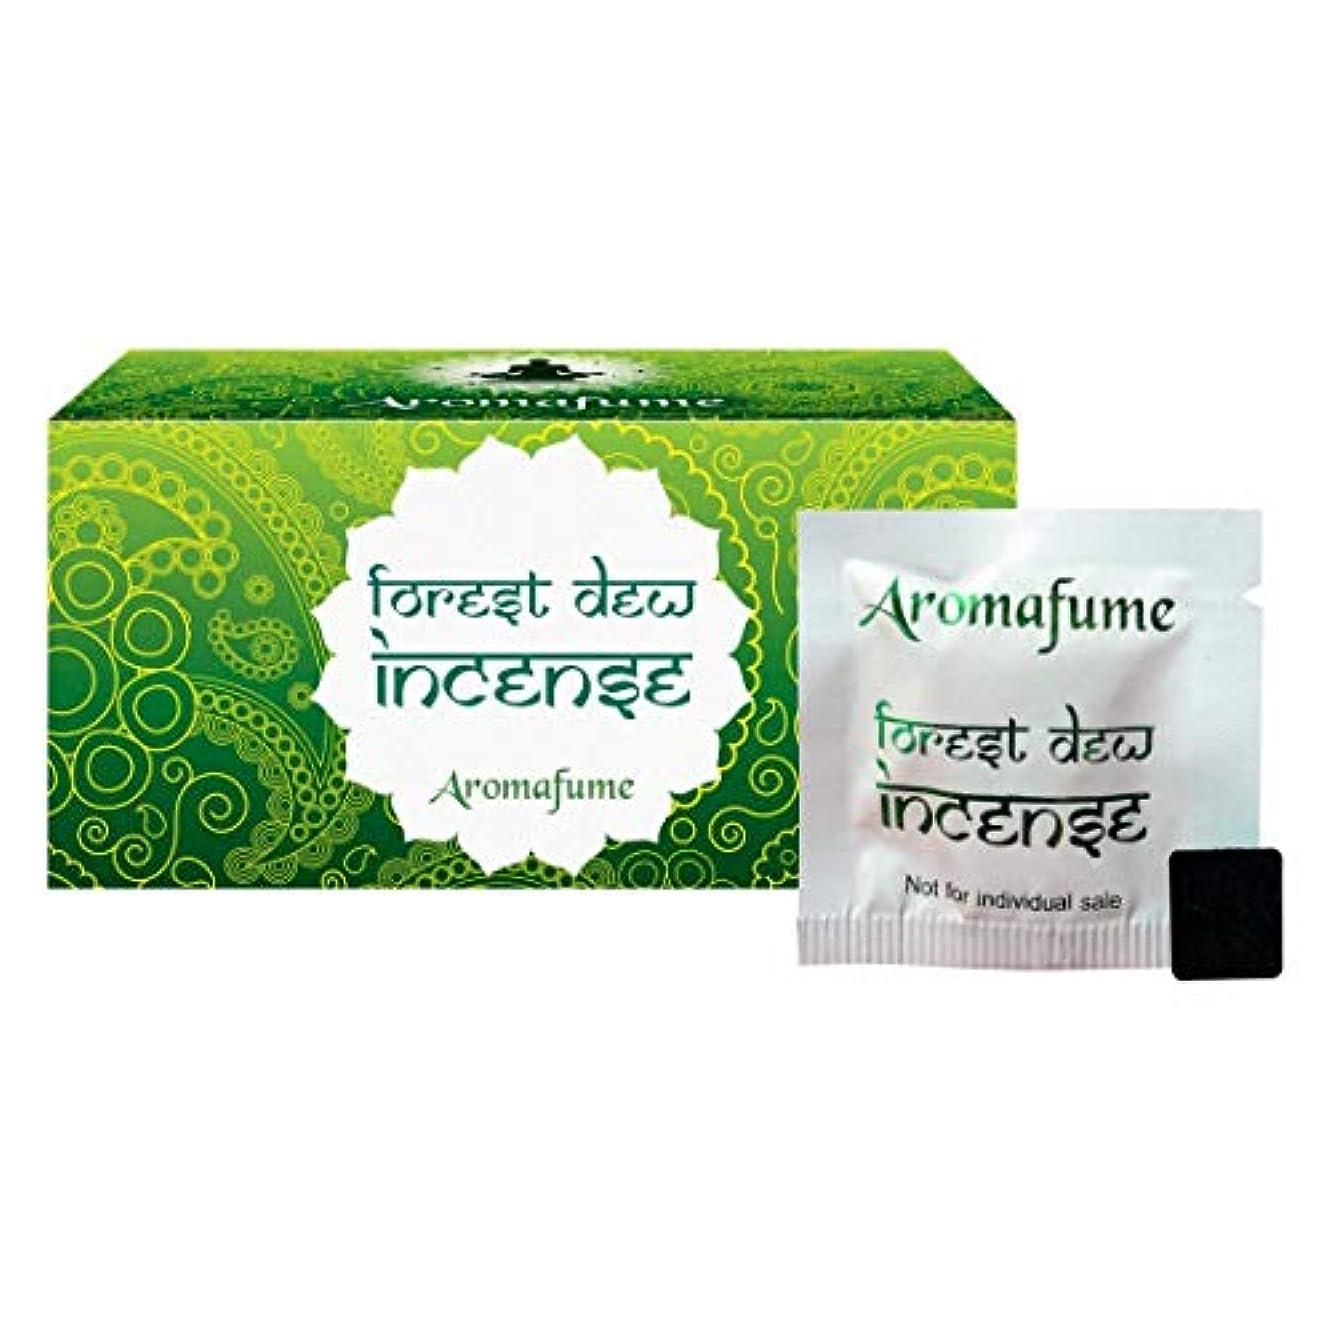 ジャムトリムトレッドAromafume Forest Dew Incense Bricks (Medium)